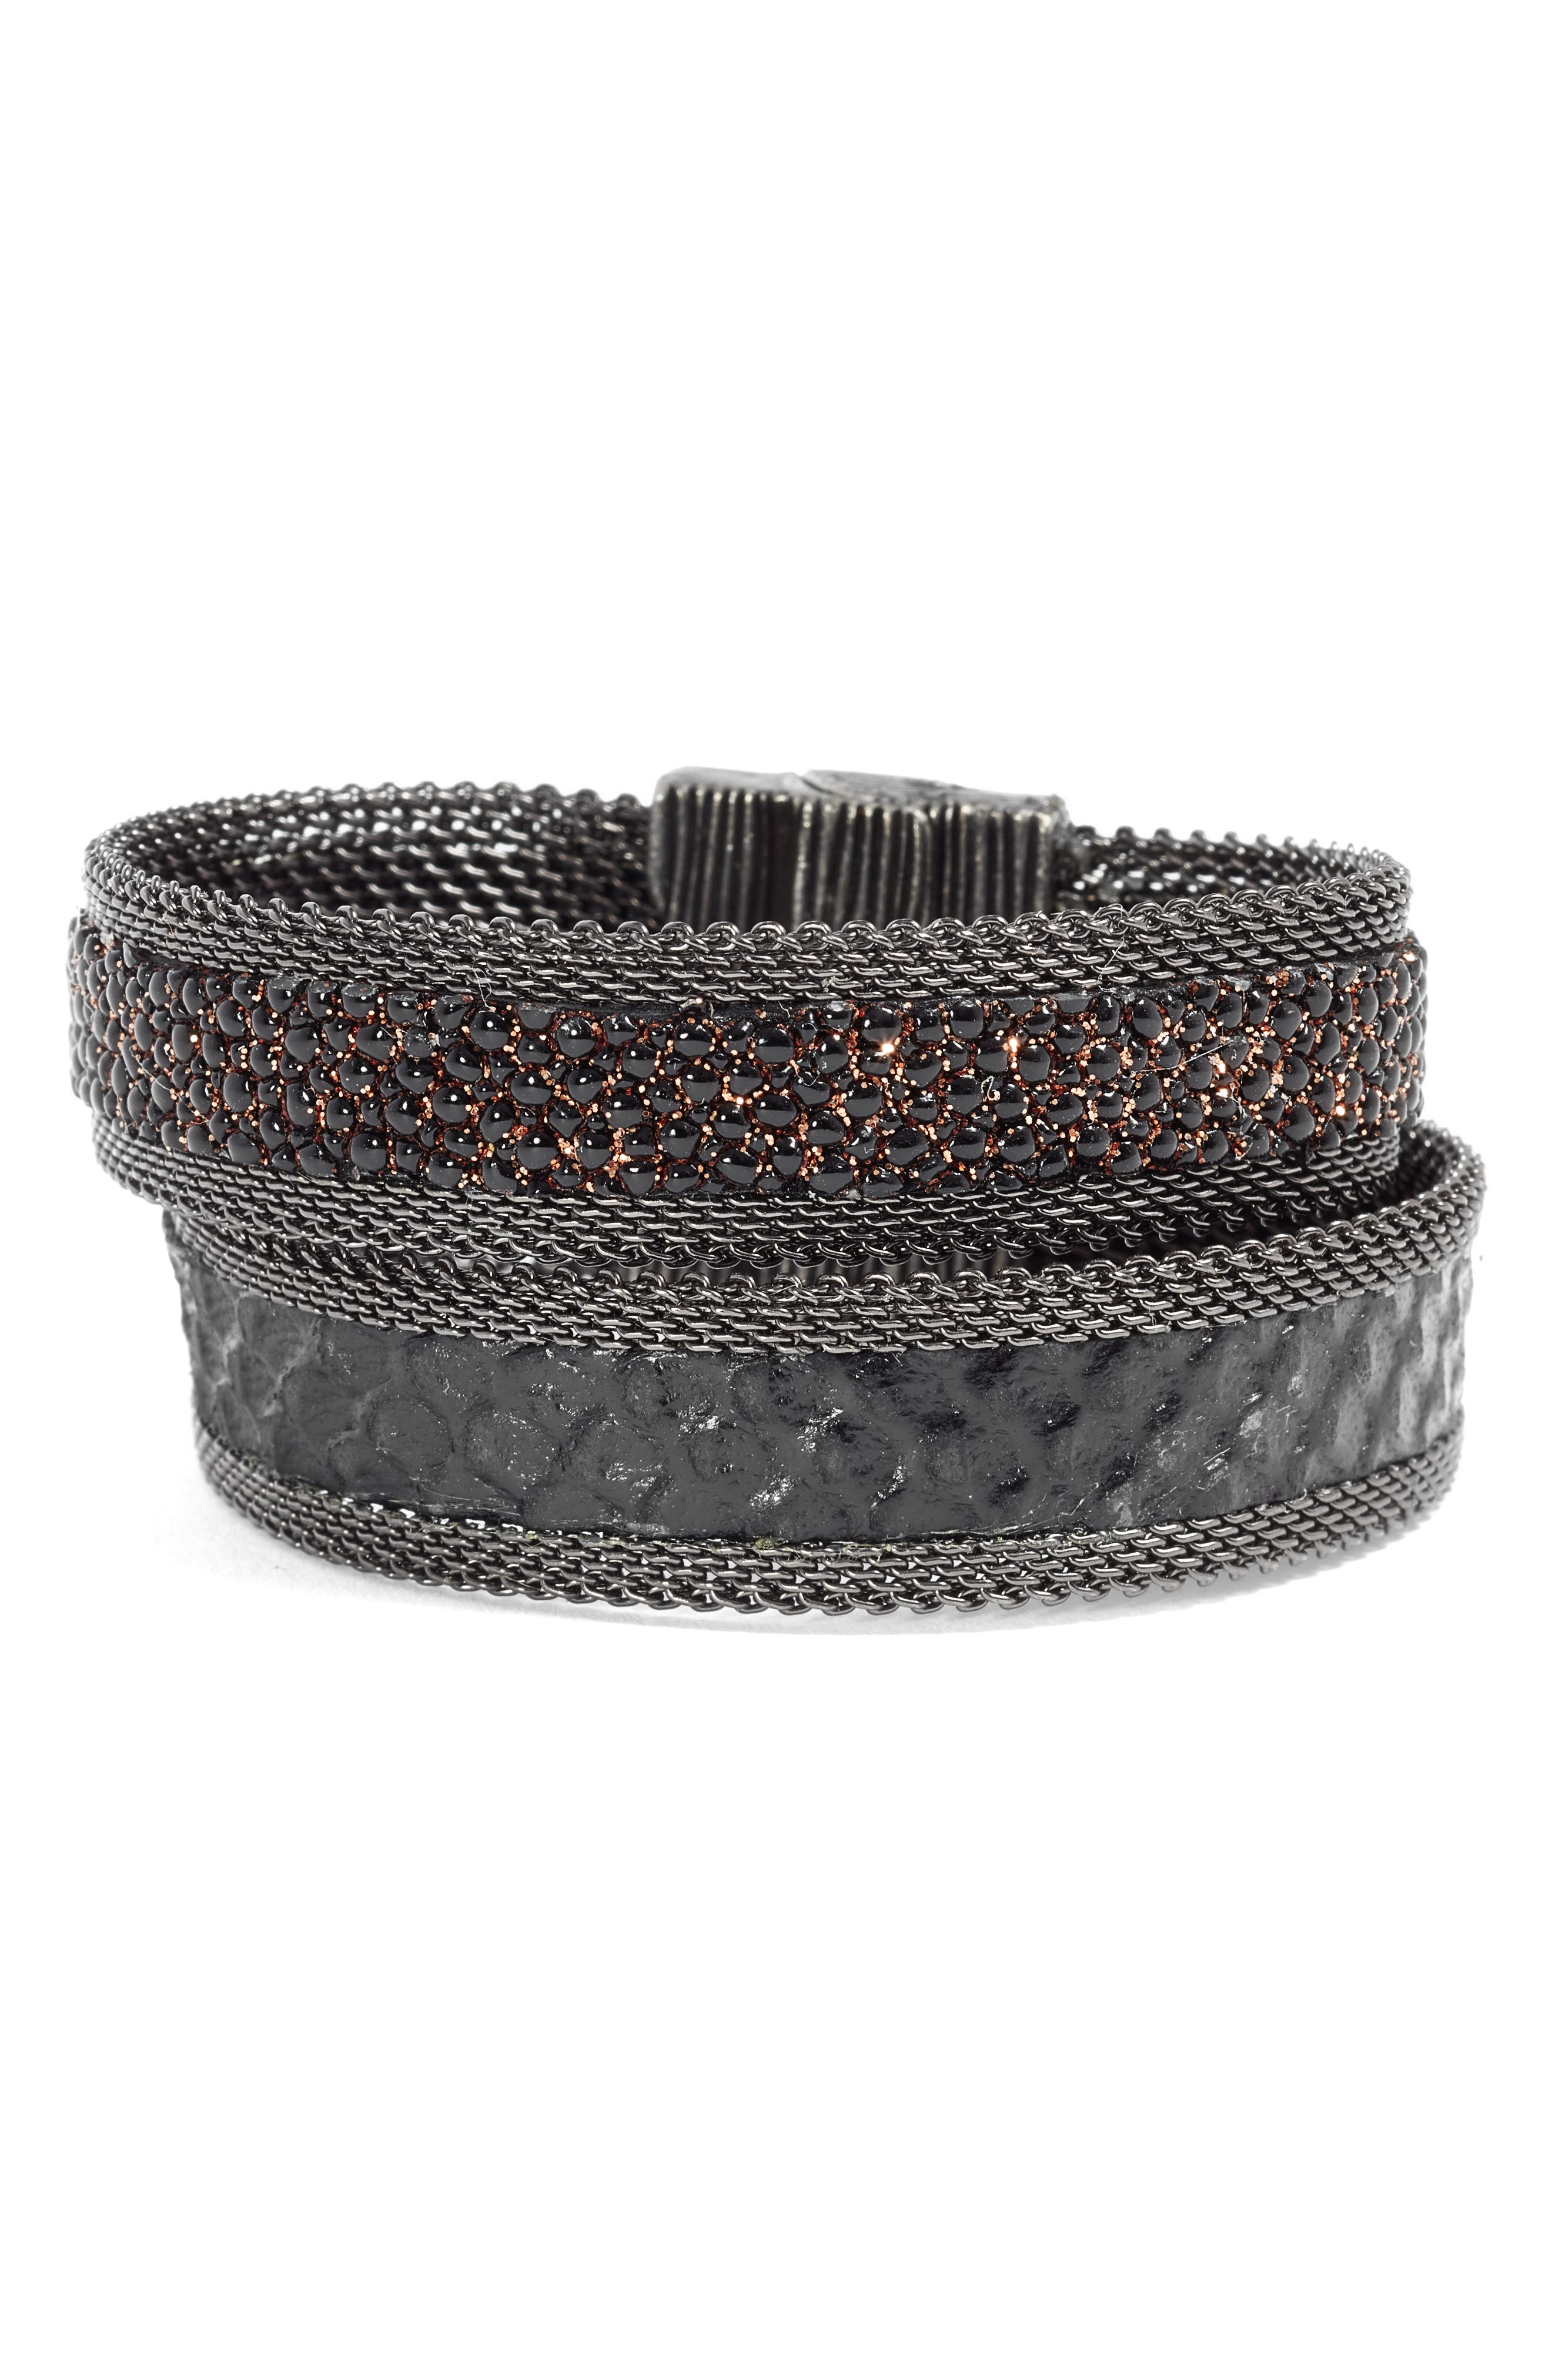 Shimmer Stingray & Snakeskin Bracelet,                             Main thumbnail 1, color,                             BLACK/ COPPER/ GUN METAL